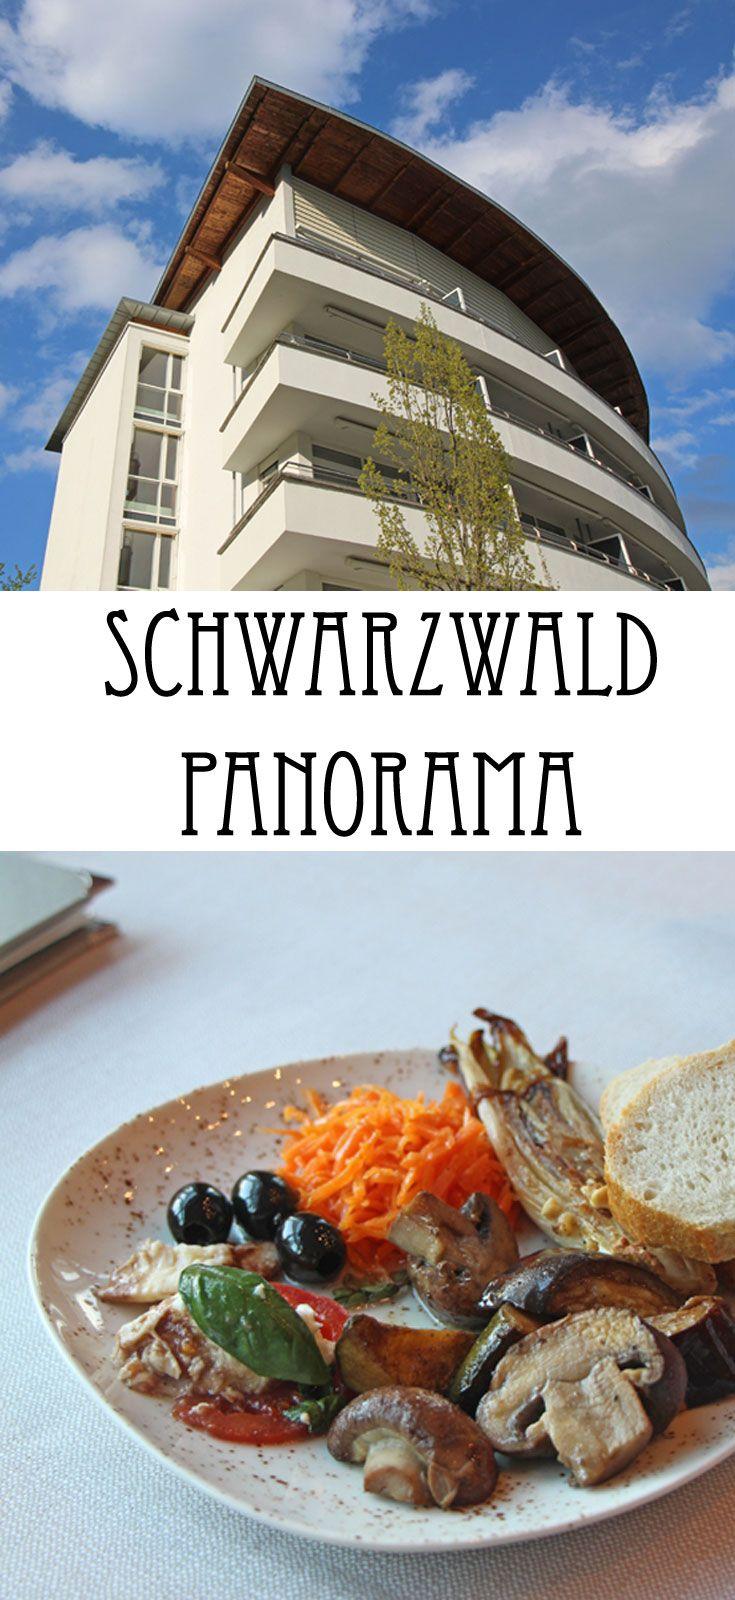 Hotel Schwarzwald Panorama im Nord-Schwarzwald (Baden-Württemberg, Deutschland)